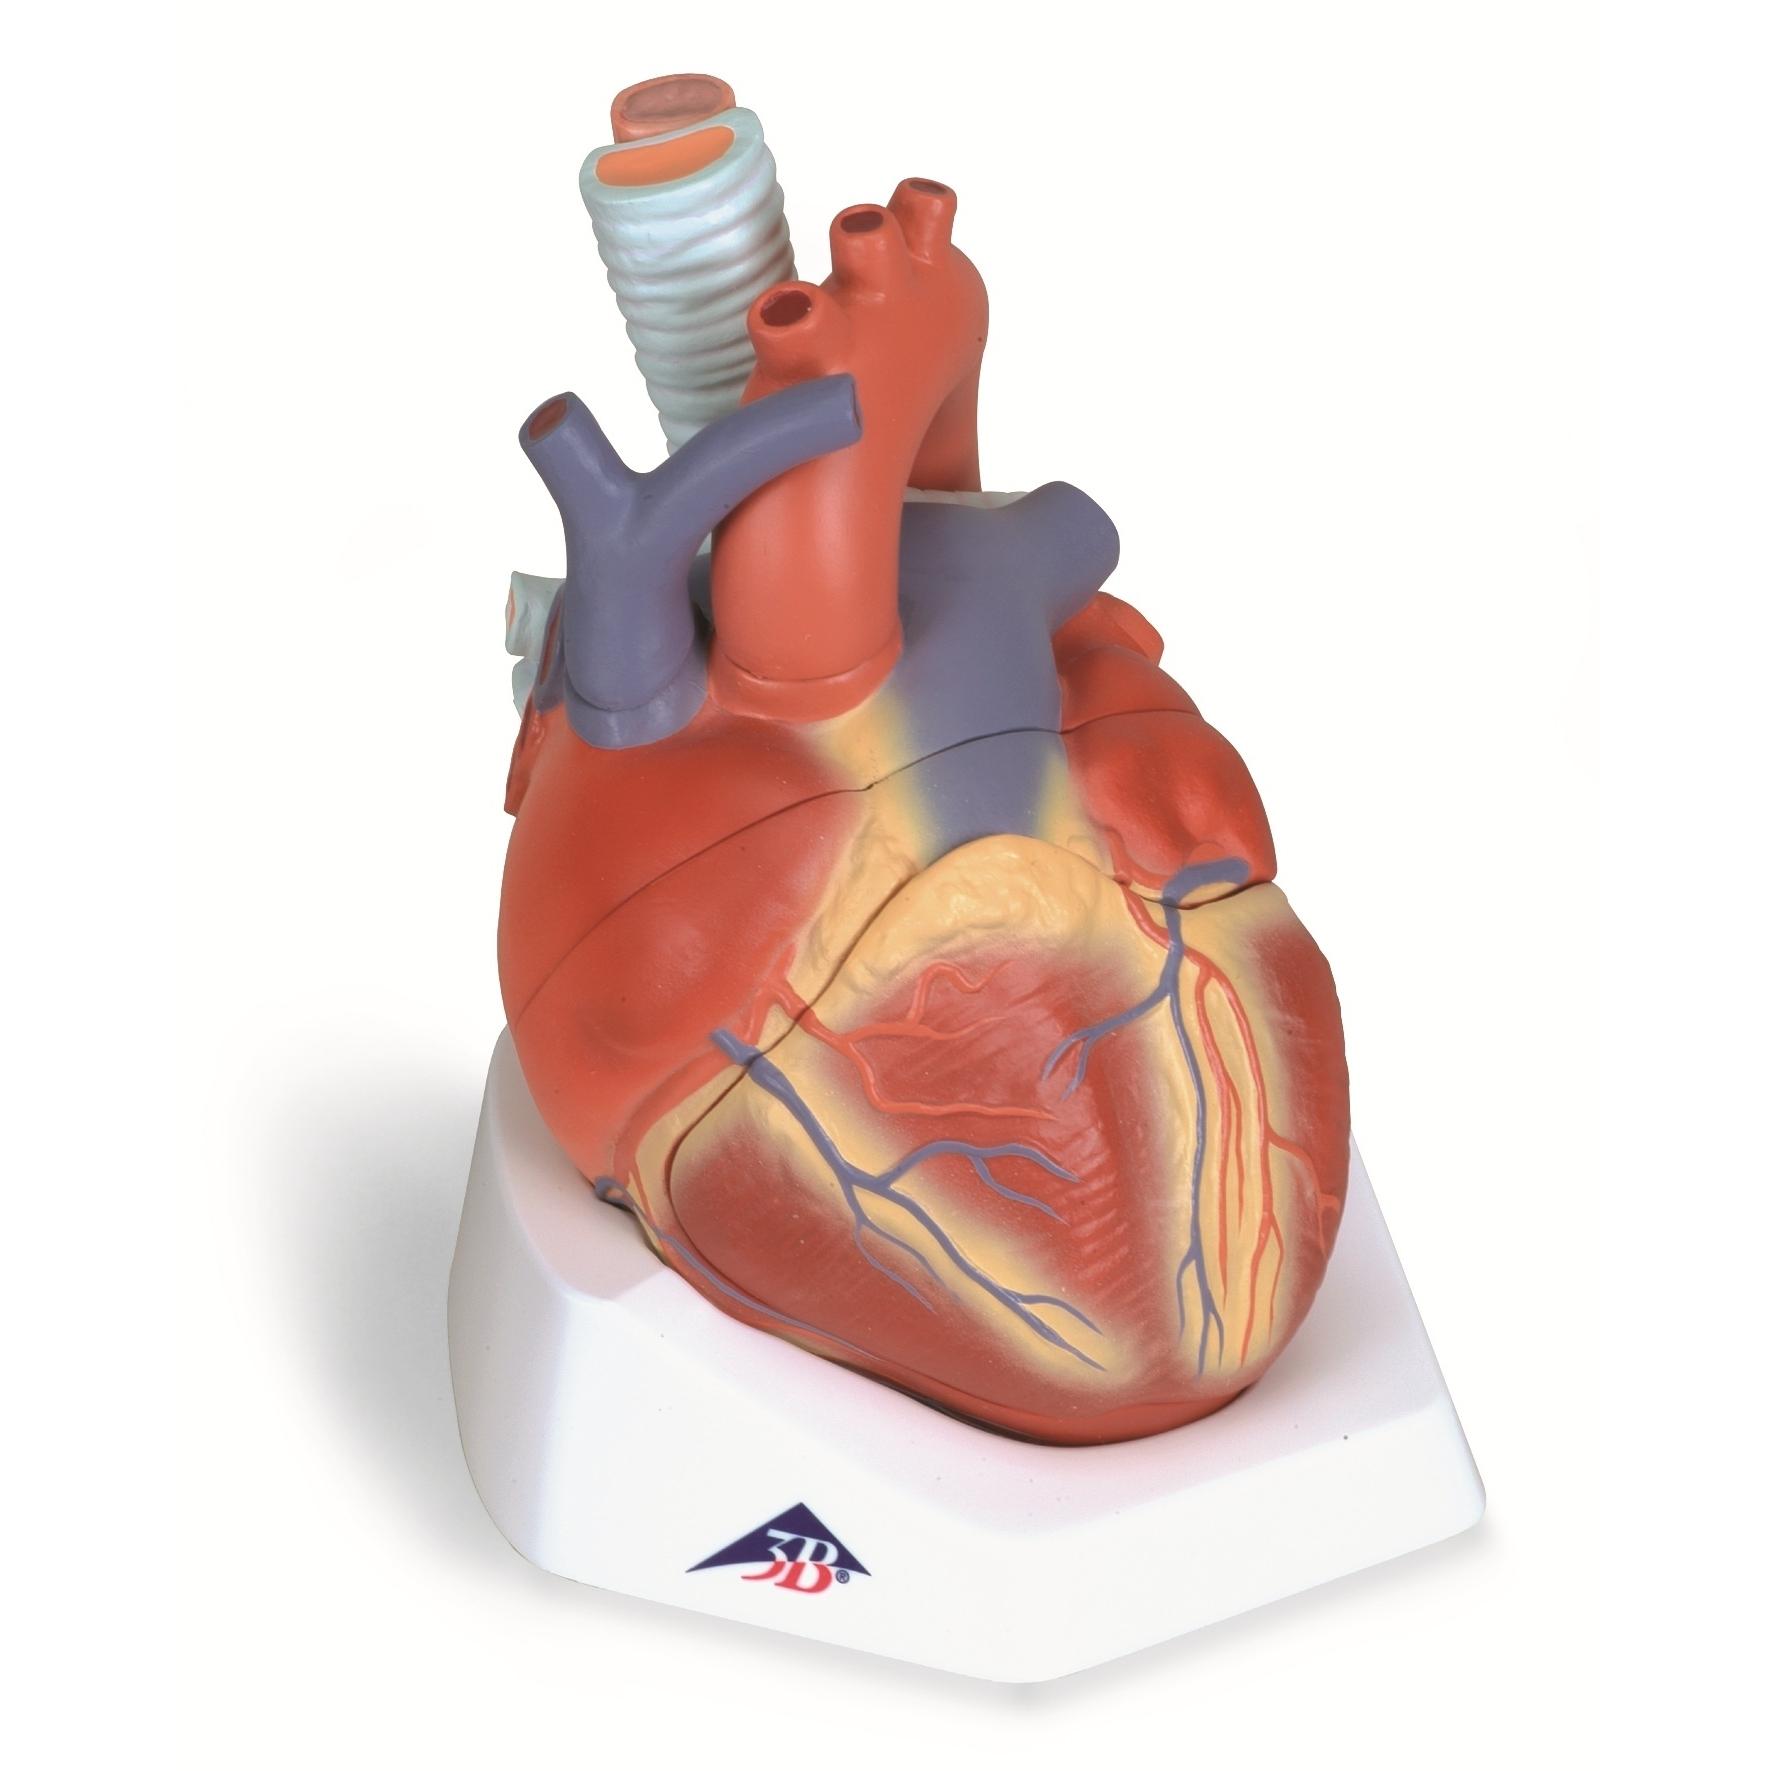 interaktyvios širdies sveikatos priemonės